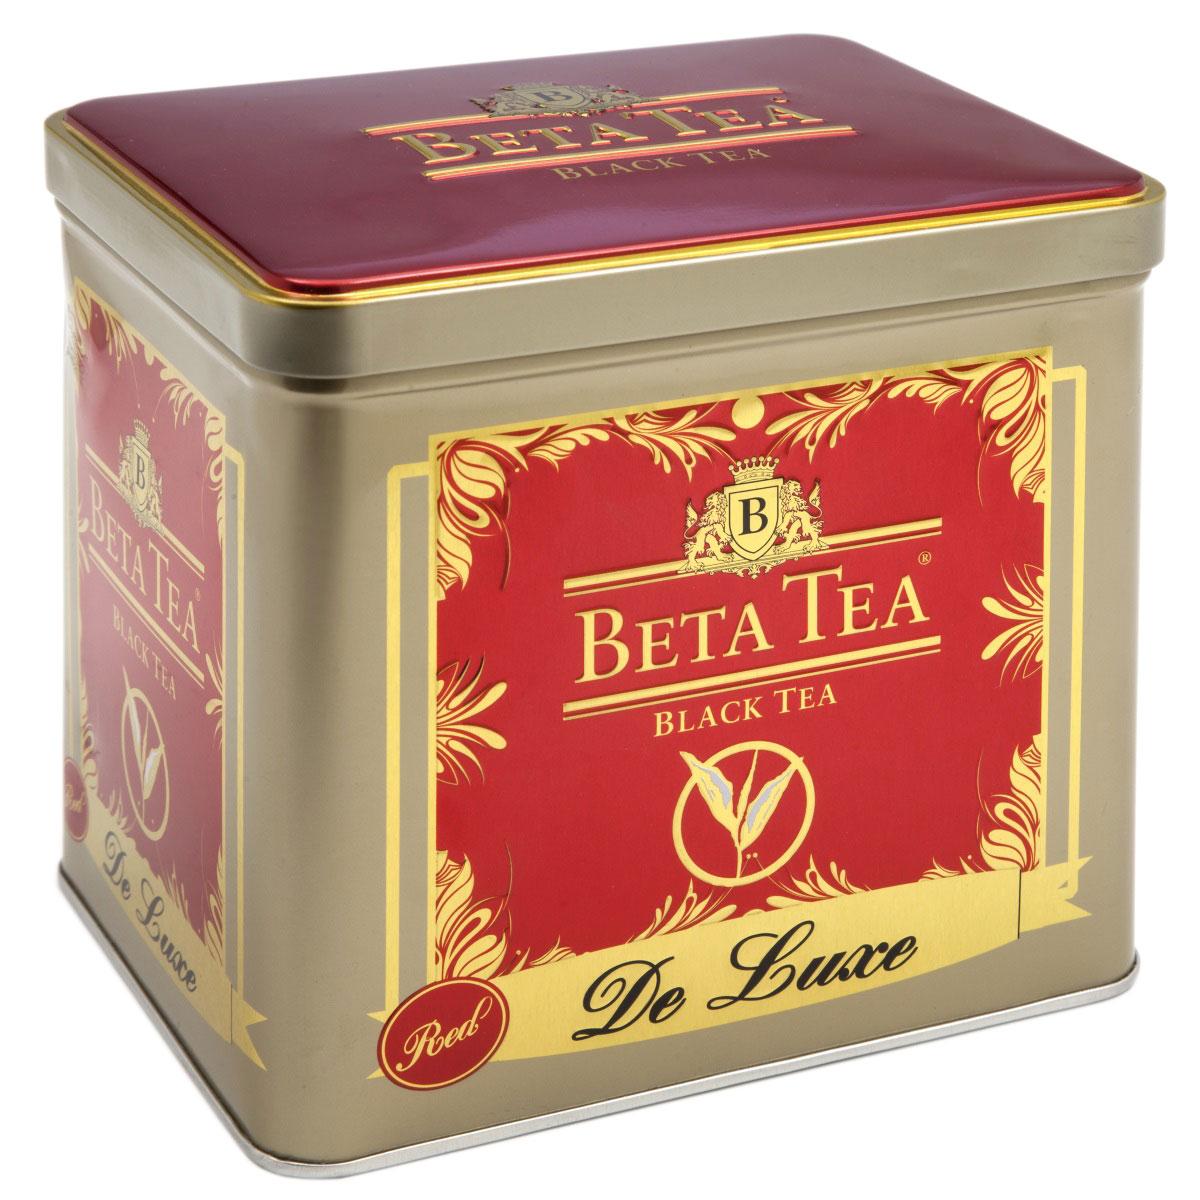 Beta Tea Де Люкс крупнолистовой чай, 225 г (подарочная упаковка)8690717970004Чай Beta Де Люкс растет в южных районах Шри-Ланки на высоте 500 метров над уровнем моря. Цельные скрученные зеленые листья отборного качества доводят до темного цвета. Такая обработка чайного листа придает чаю насыщенный цвет и тонкий аромат. Чай Beta Де Люкс одинаково хорош в охлажденном и горячем виде, прекрасно утоляет жажду в любое время суток.Всё о чае: сорта, факты, советы по выбору и употреблению. Статья OZON Гид